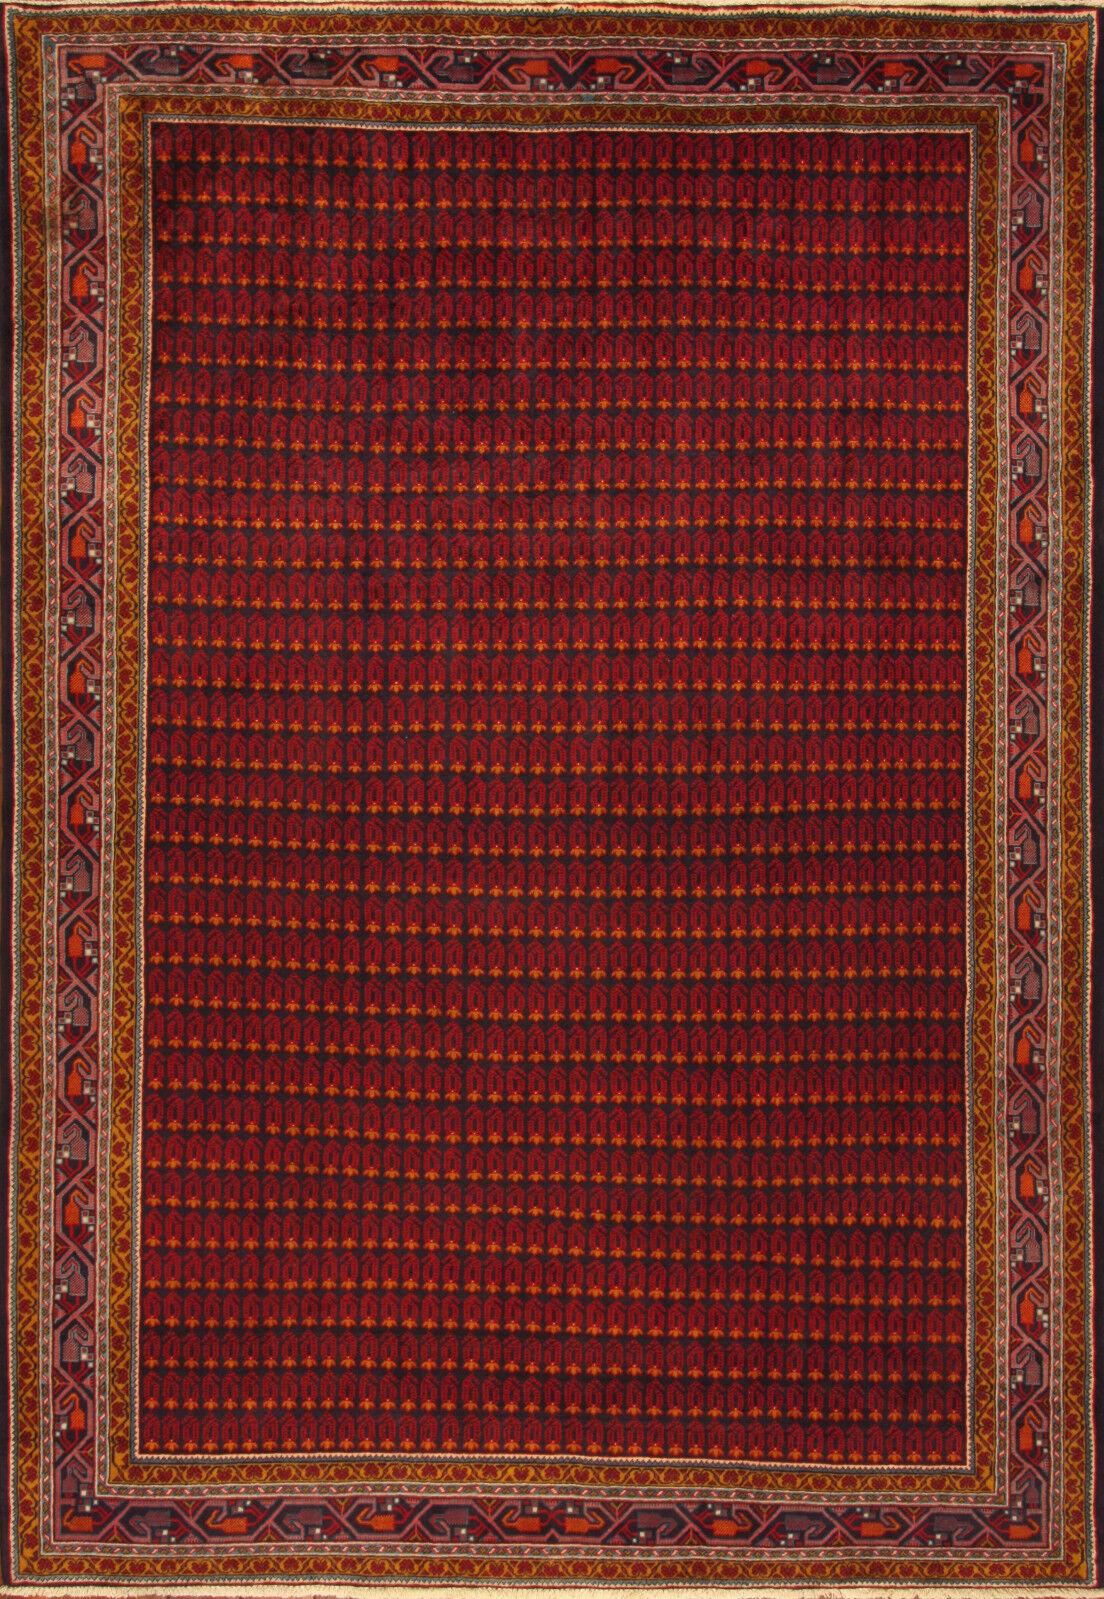 Alfombras orientales Auténticas hechas a mano persas nr. 4246 (306 x 213) cm